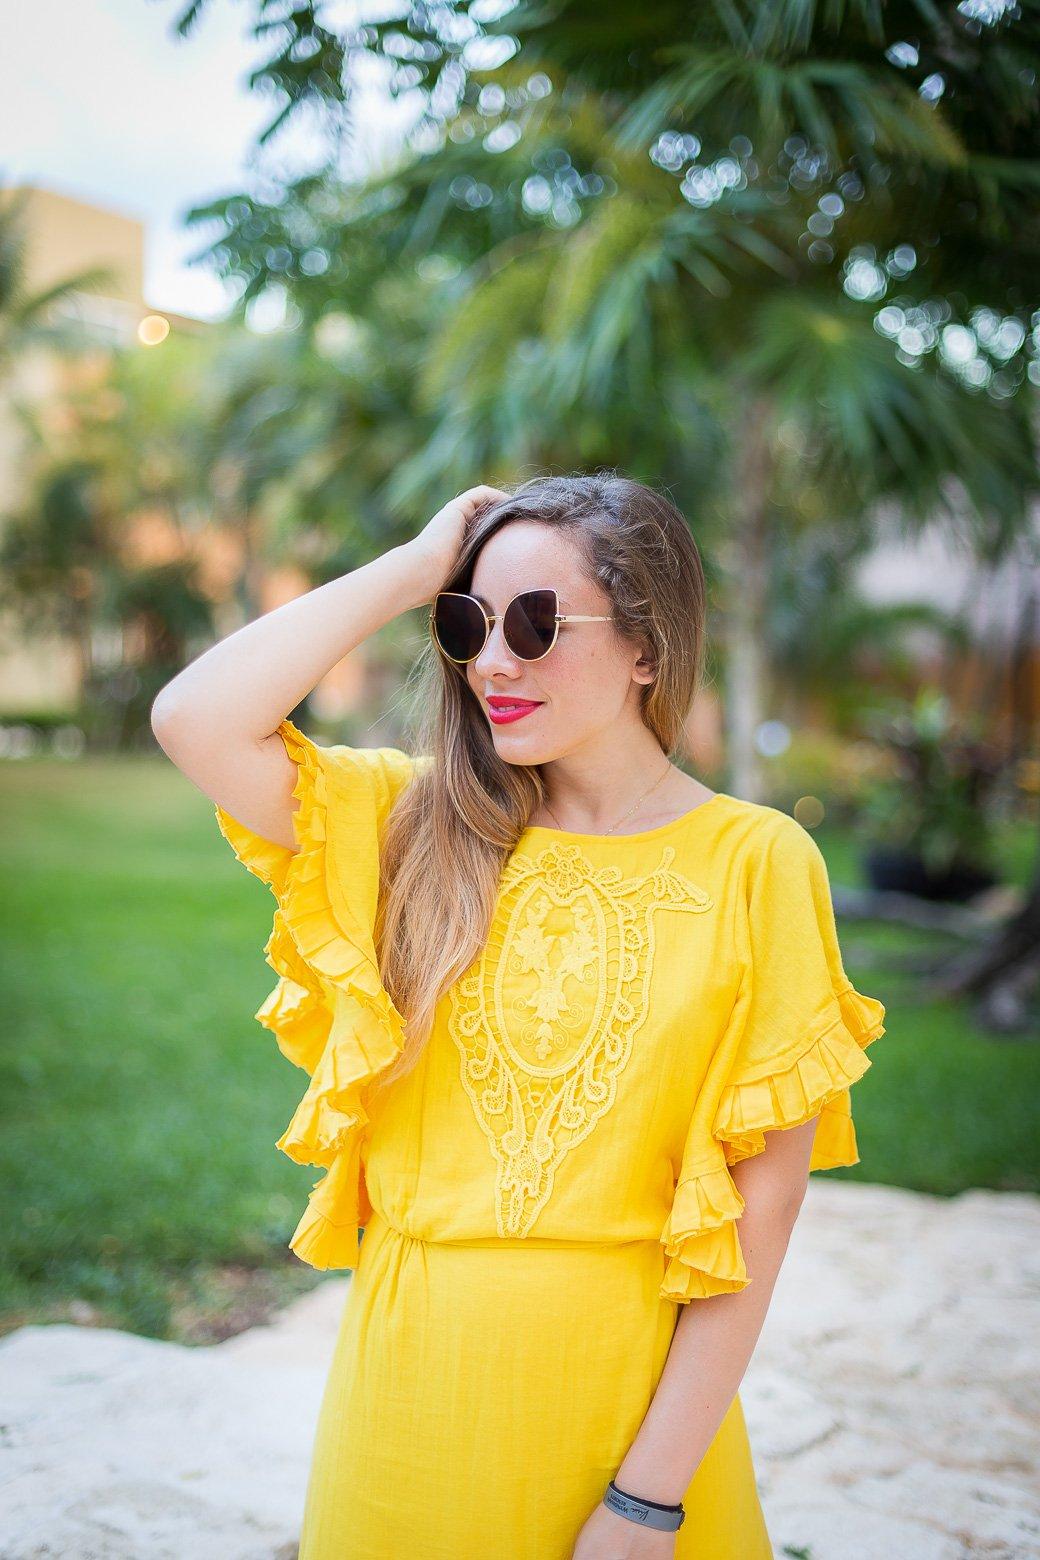 robe jaune détail broderie